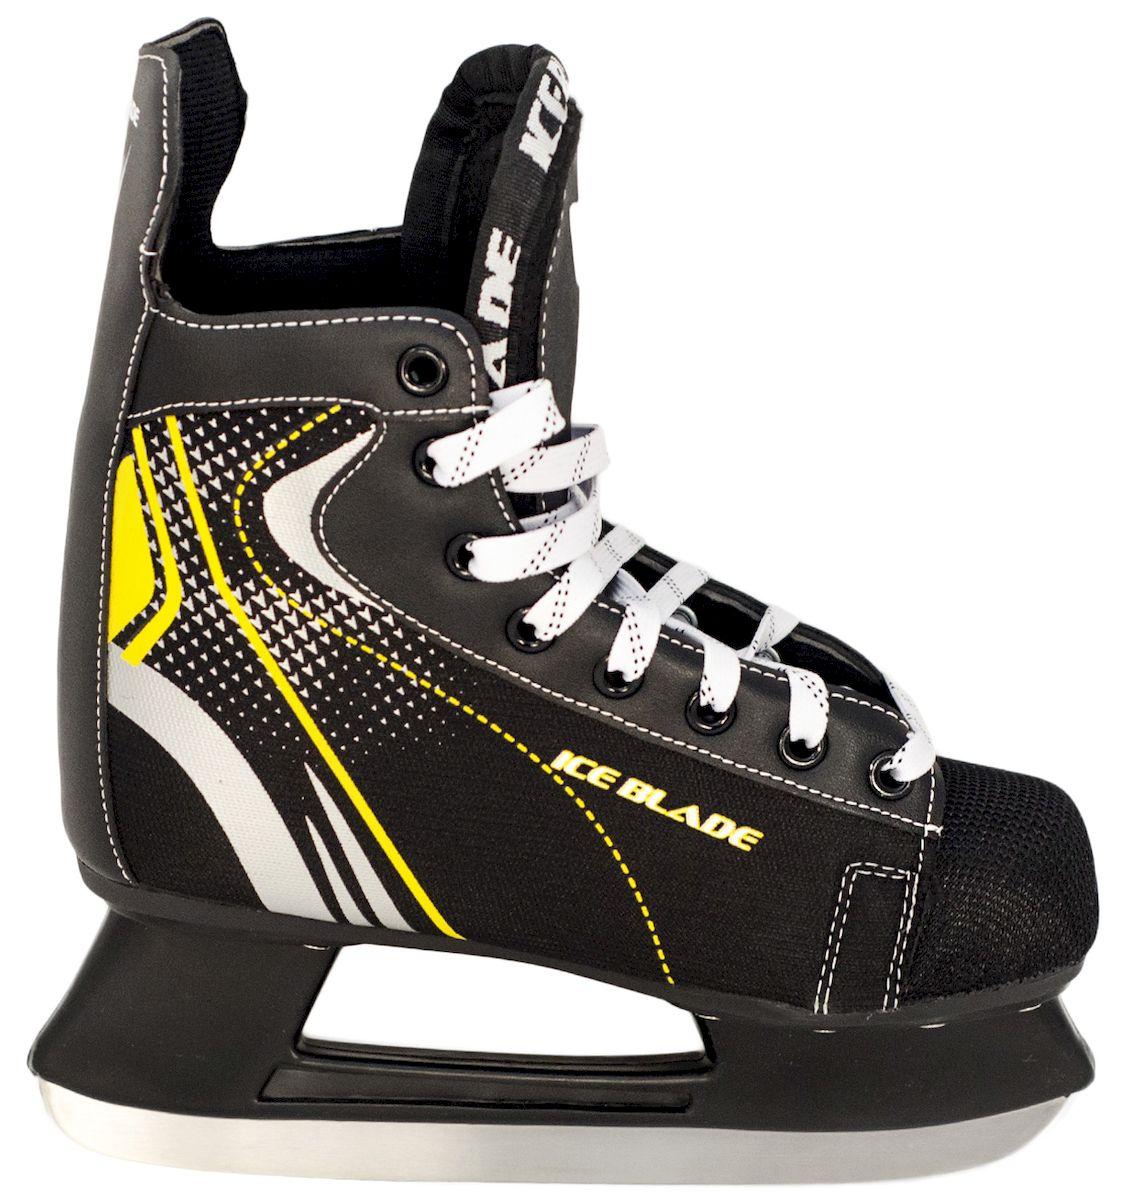 Коньки хоккейные Ice Blade Shark, цвет: черный, желтый. УТ-00006841. Размер 40УТ-00006841Коньки хоккейные Shark имеют модный яркий дизайн, поэтому данная модель очень популярна у любителей хоккея.Ботинок выполнен из искусственной кожи, высокопрочной нейлоновой ткани и ударостойкого пластика. Лезвие изготовлено из высокоуглеродистой стали с покрытием из никеля, что гарантирует прочность и долговечность. В качестве внутренней отделки используется вельветин с утеплителем. Коньки поставляются с заводской заточкой лезвия, что позволяет сразу приступить к катанию, не тратя время и денег на заточку. Коньки подходят для использования на открытом и закрытом льду.Удобная система фиксации ноги и улучшенная колодка сделают катание комфортным и безопасным.